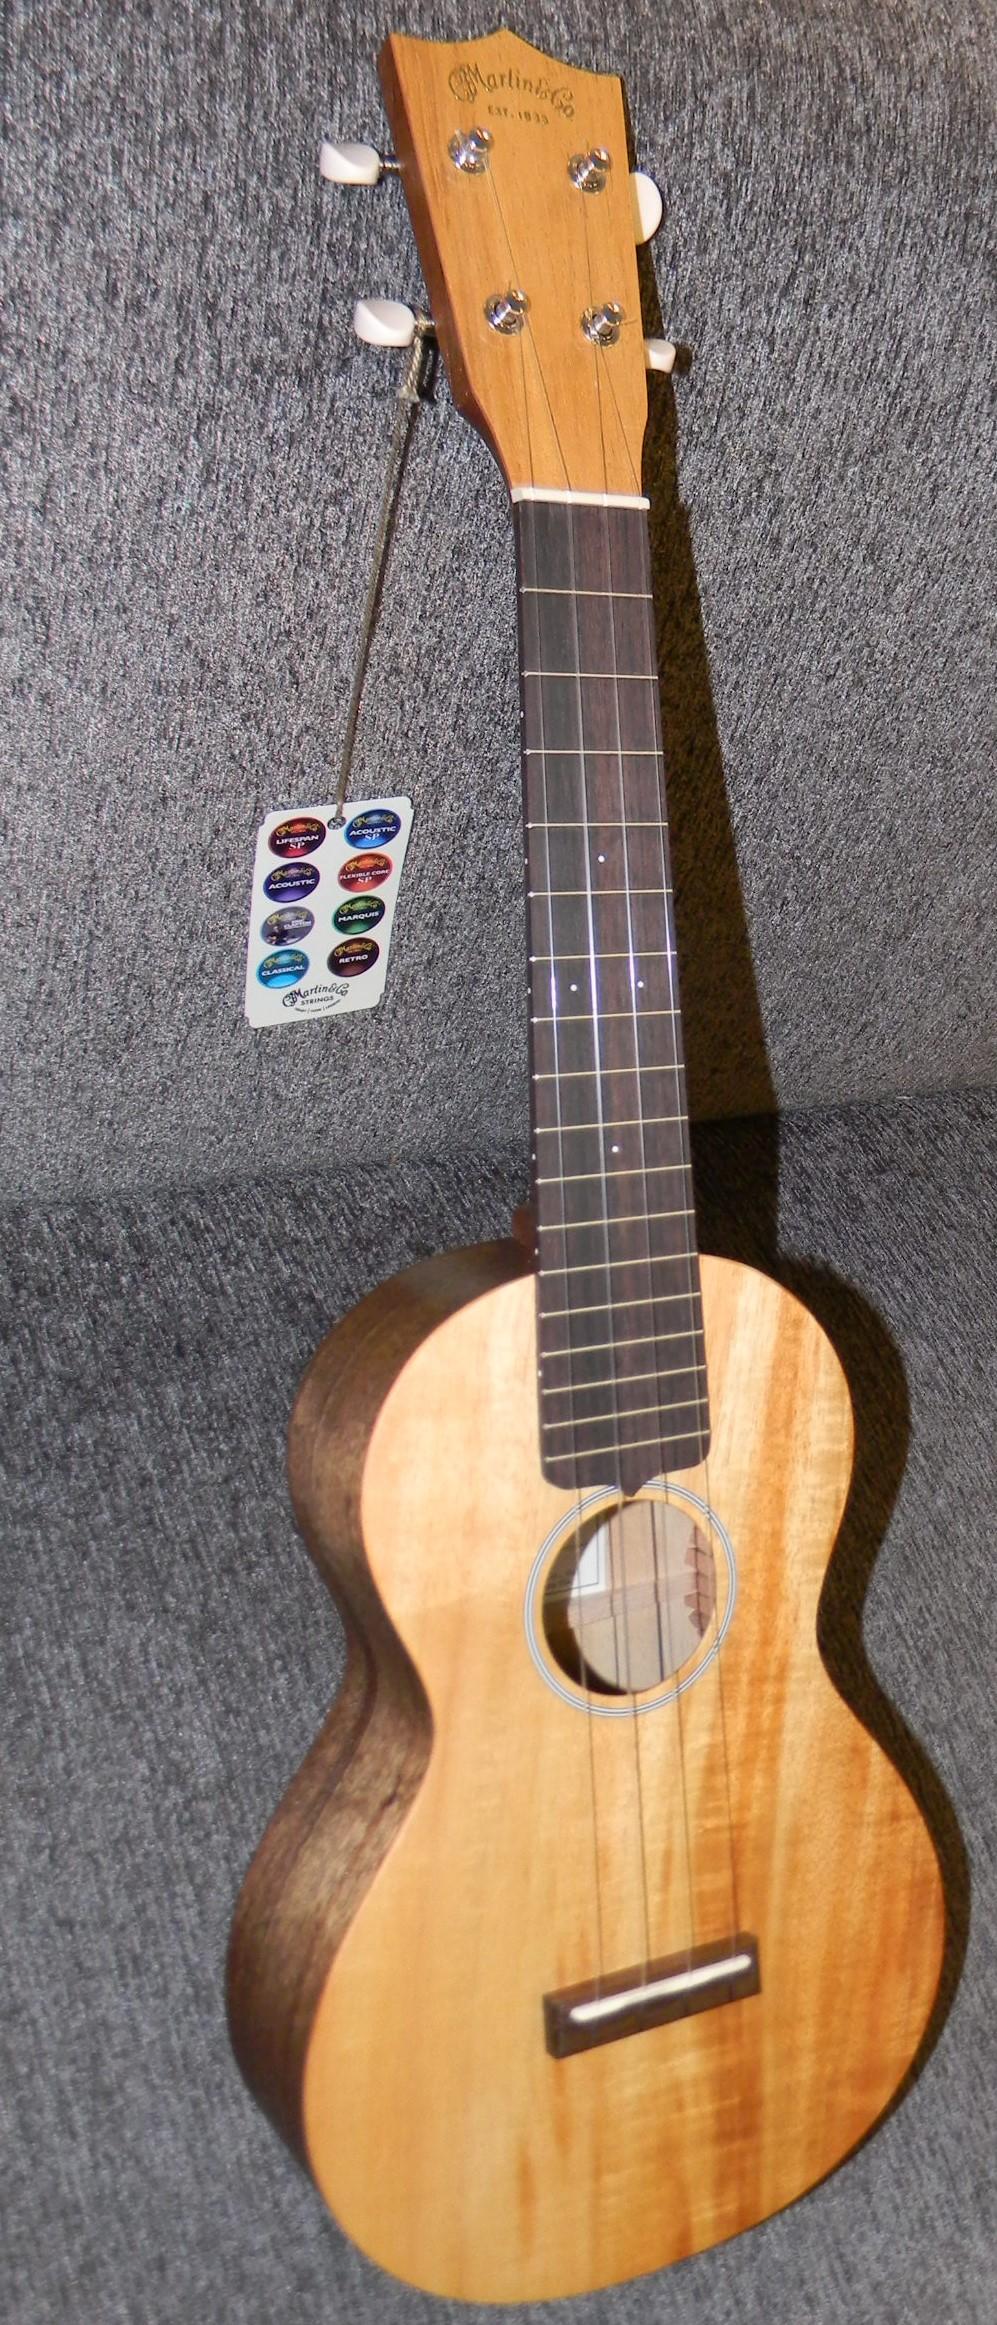 C 1K ukulele. all solid koa concert size $469.00